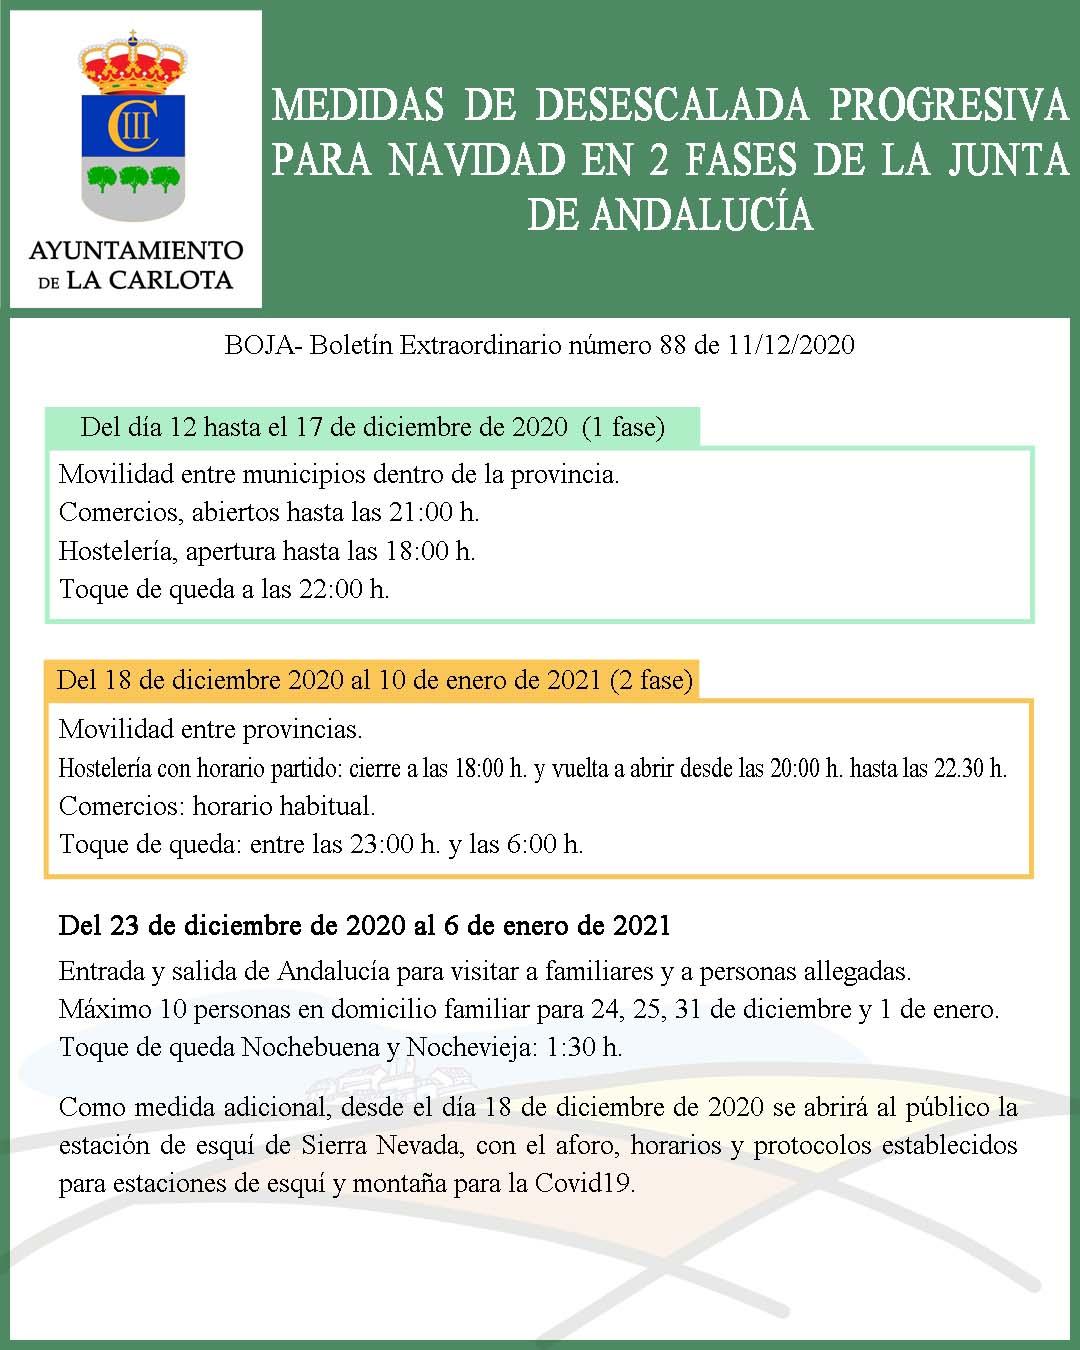 MEDIDAS DE DESESCALADA PROGRESIVA PARA NAVIDAD EN 2 FASES DE LA JUNTA DE ANDALUCÍA  1